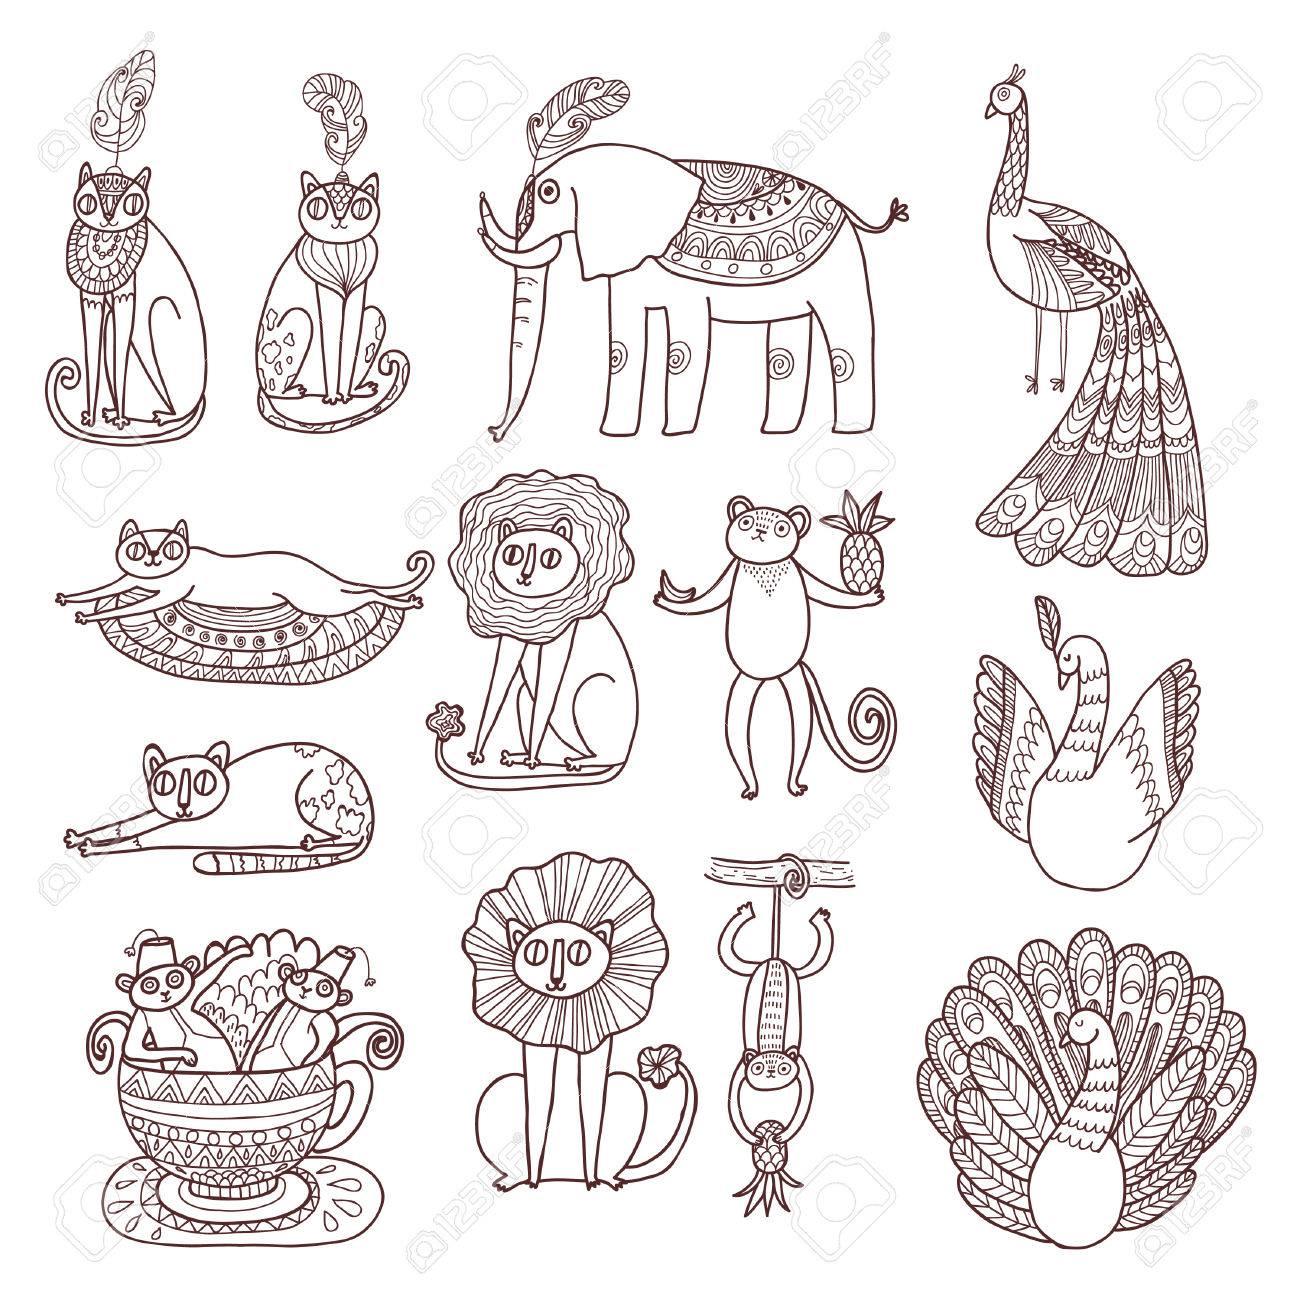 Dibujos Animados De Animales De La Selva Para Colorear